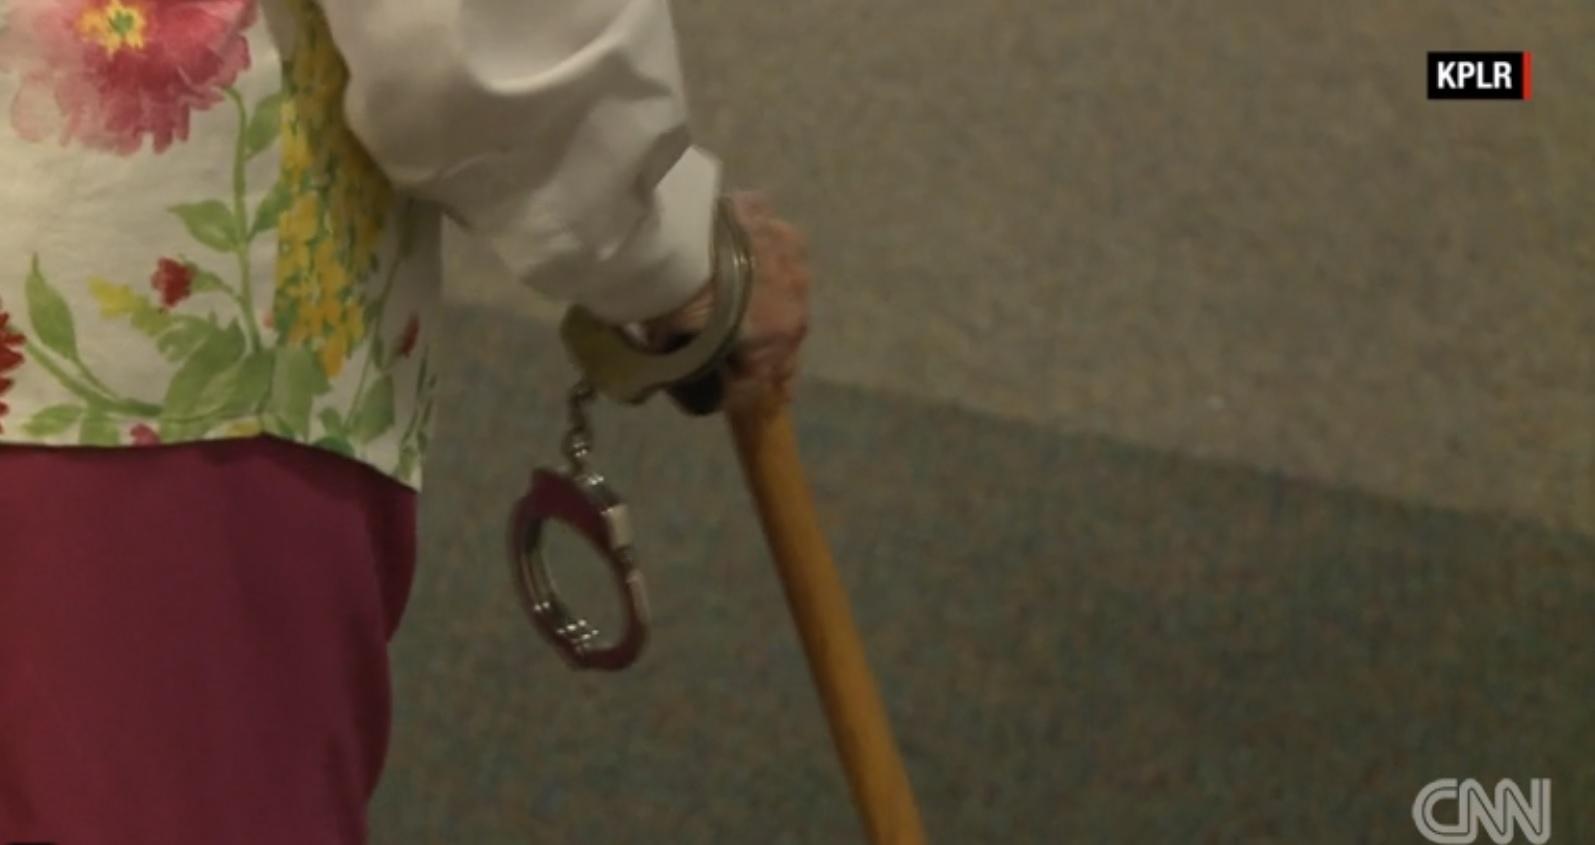 Bà cụ 102 tuổi ước mơ cháy bỏng được cảnh sát bắt - 2